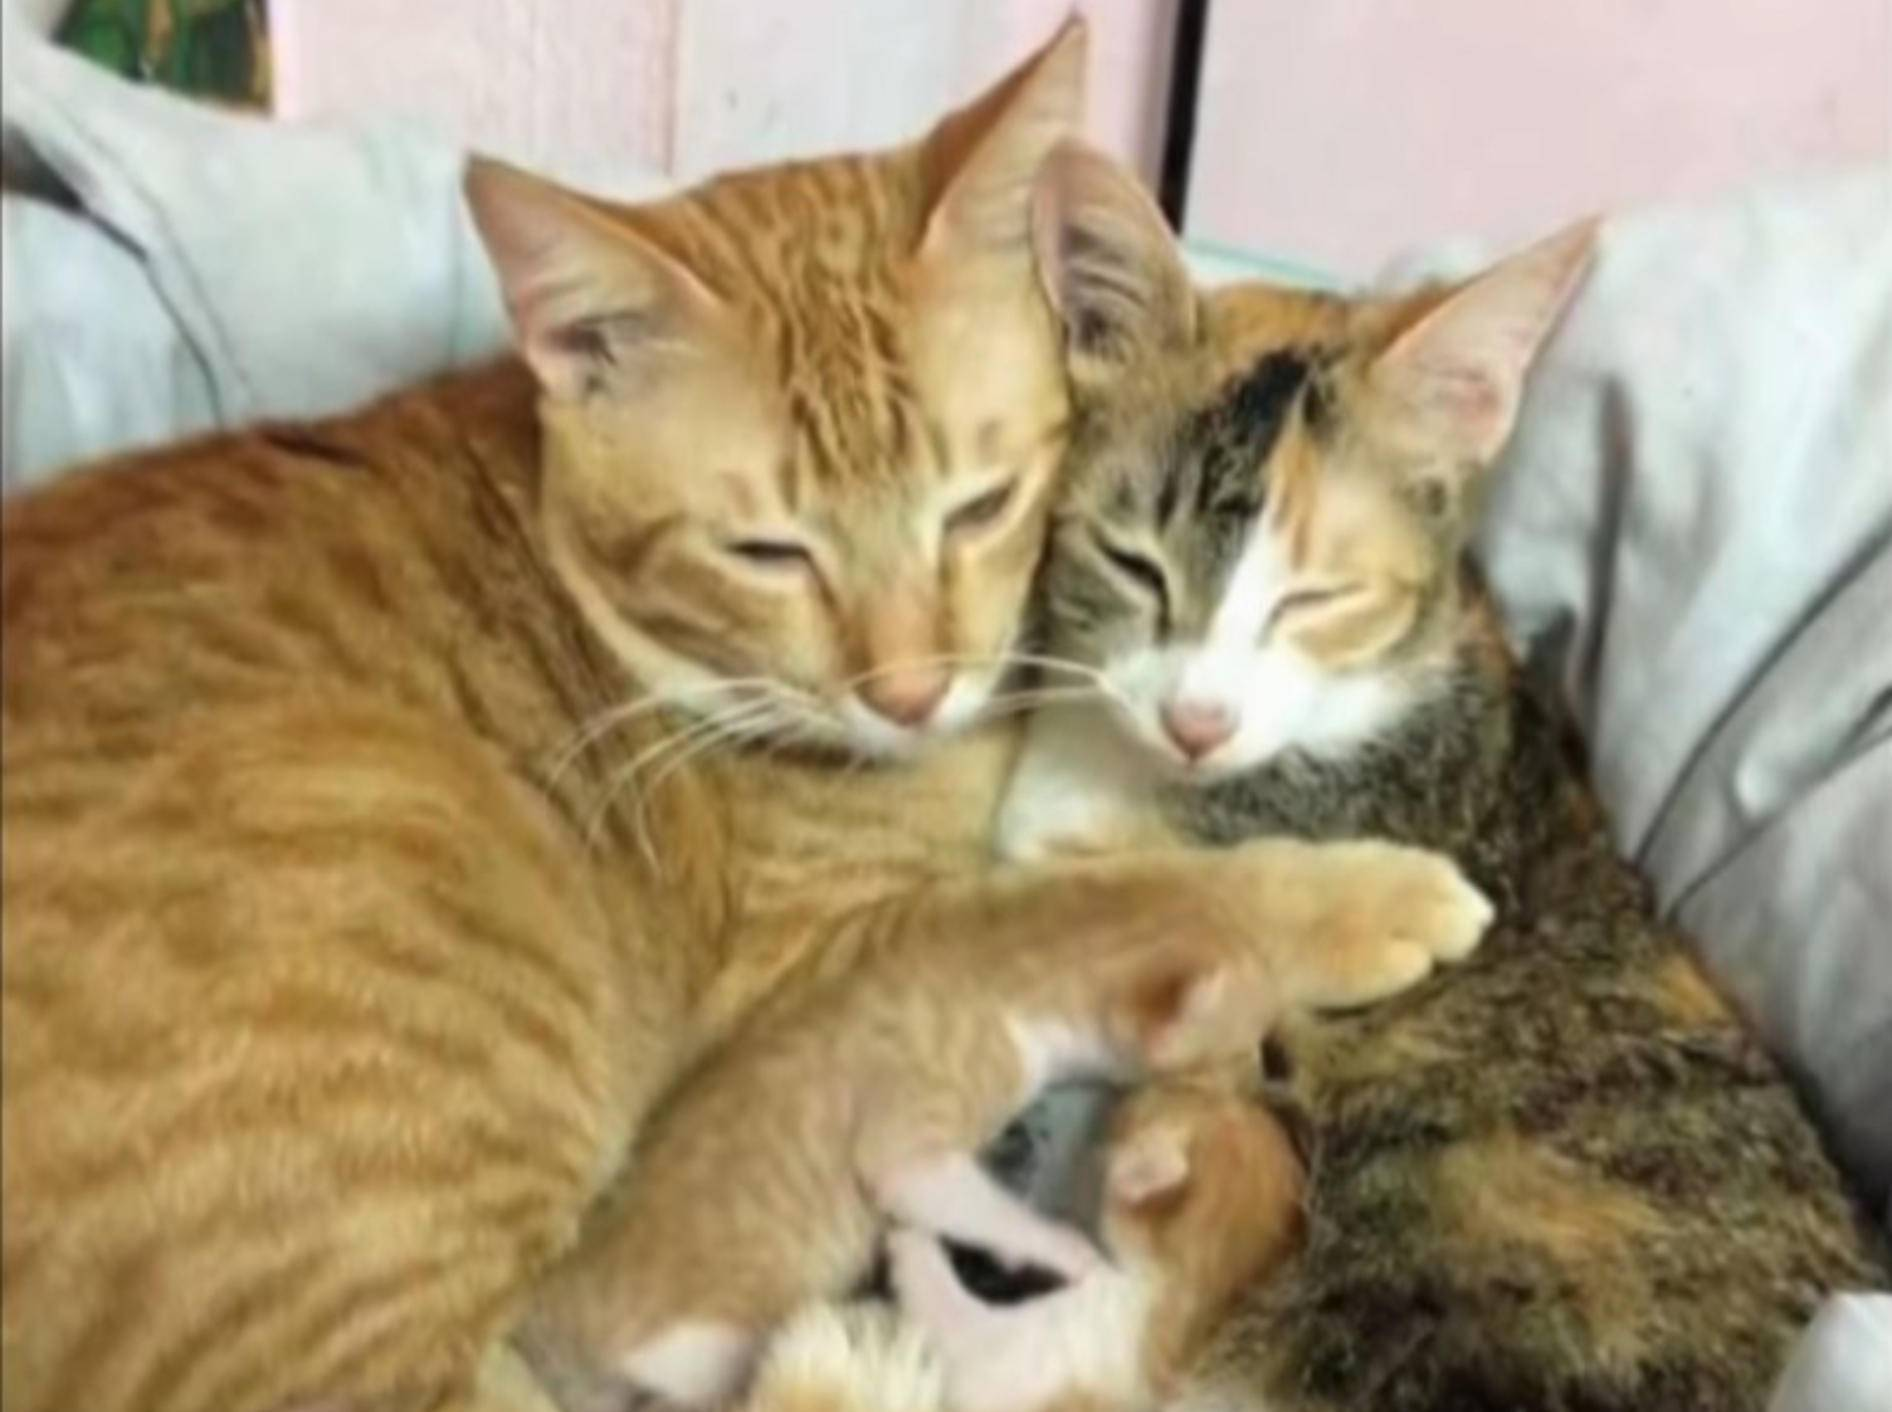 Familienoberhaupt Yello schmusst mit Katzenmama Tam und seinem Nachwuchs – YouTube / Slideshow ForFun